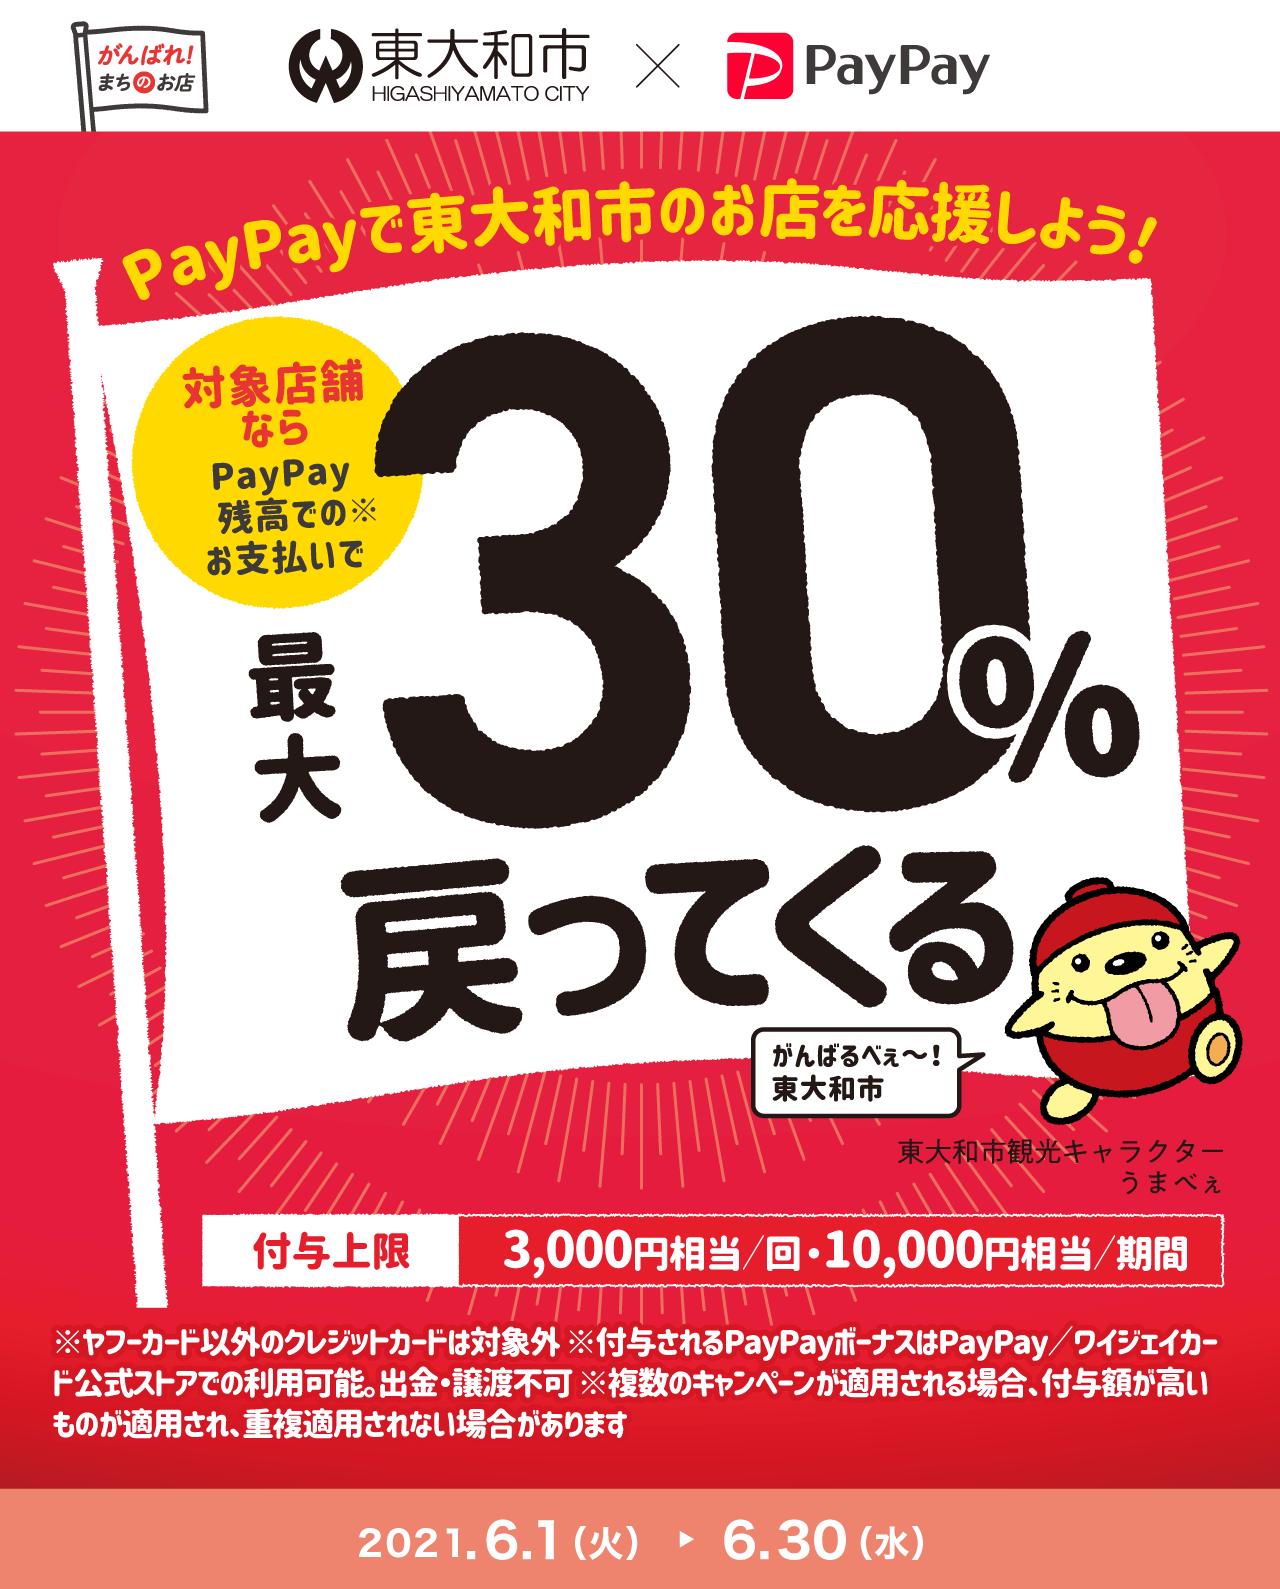 PayPayで東大和市のお店を応援しよう! 対象店舗ならPayPay残高でのお支払いで最大30%戻ってくる